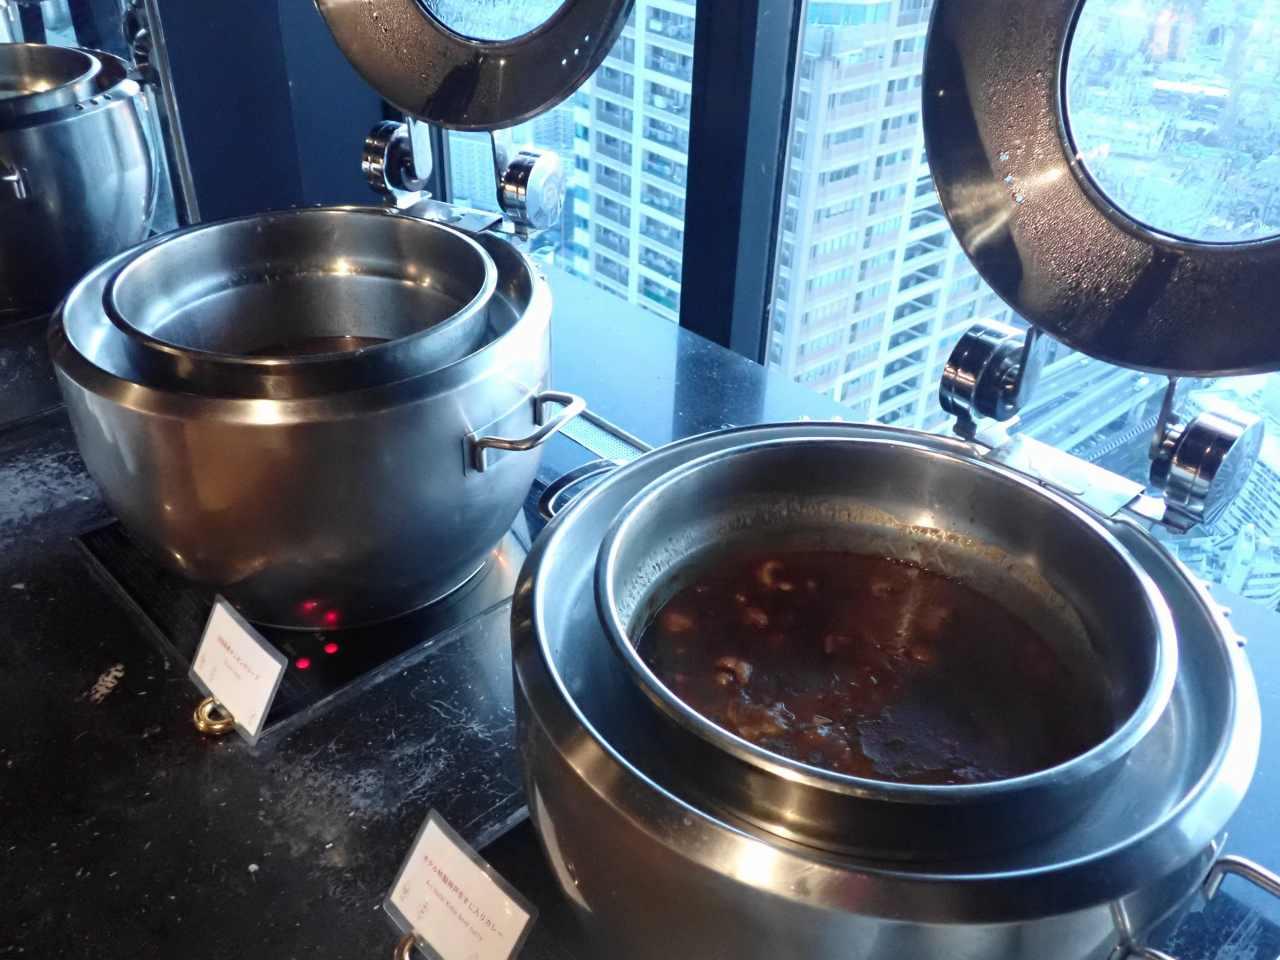 ホテル特製神戸牛すじ入り特製カレー、淡路産たまねぎのオニオンスープ